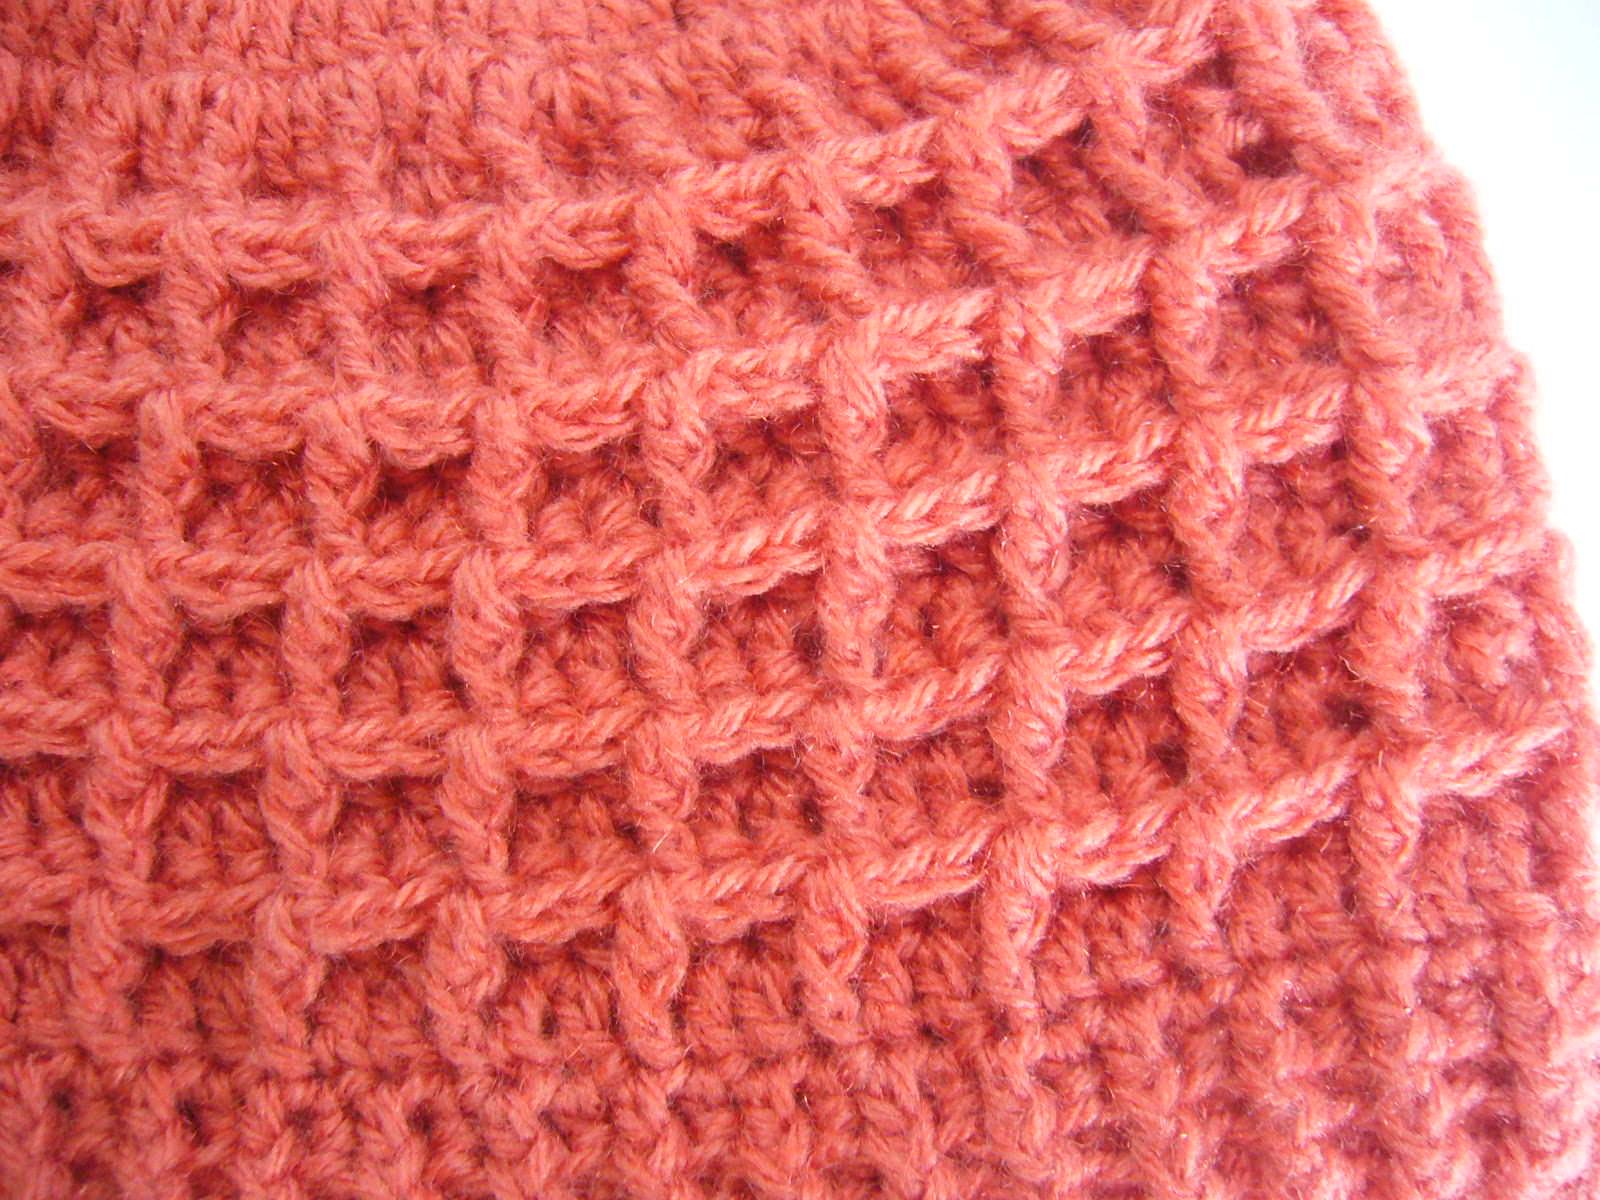 Crochet Patterns Waffle Stitch : Crochetkari: Crochet Waffle Stitch Hat Pattern